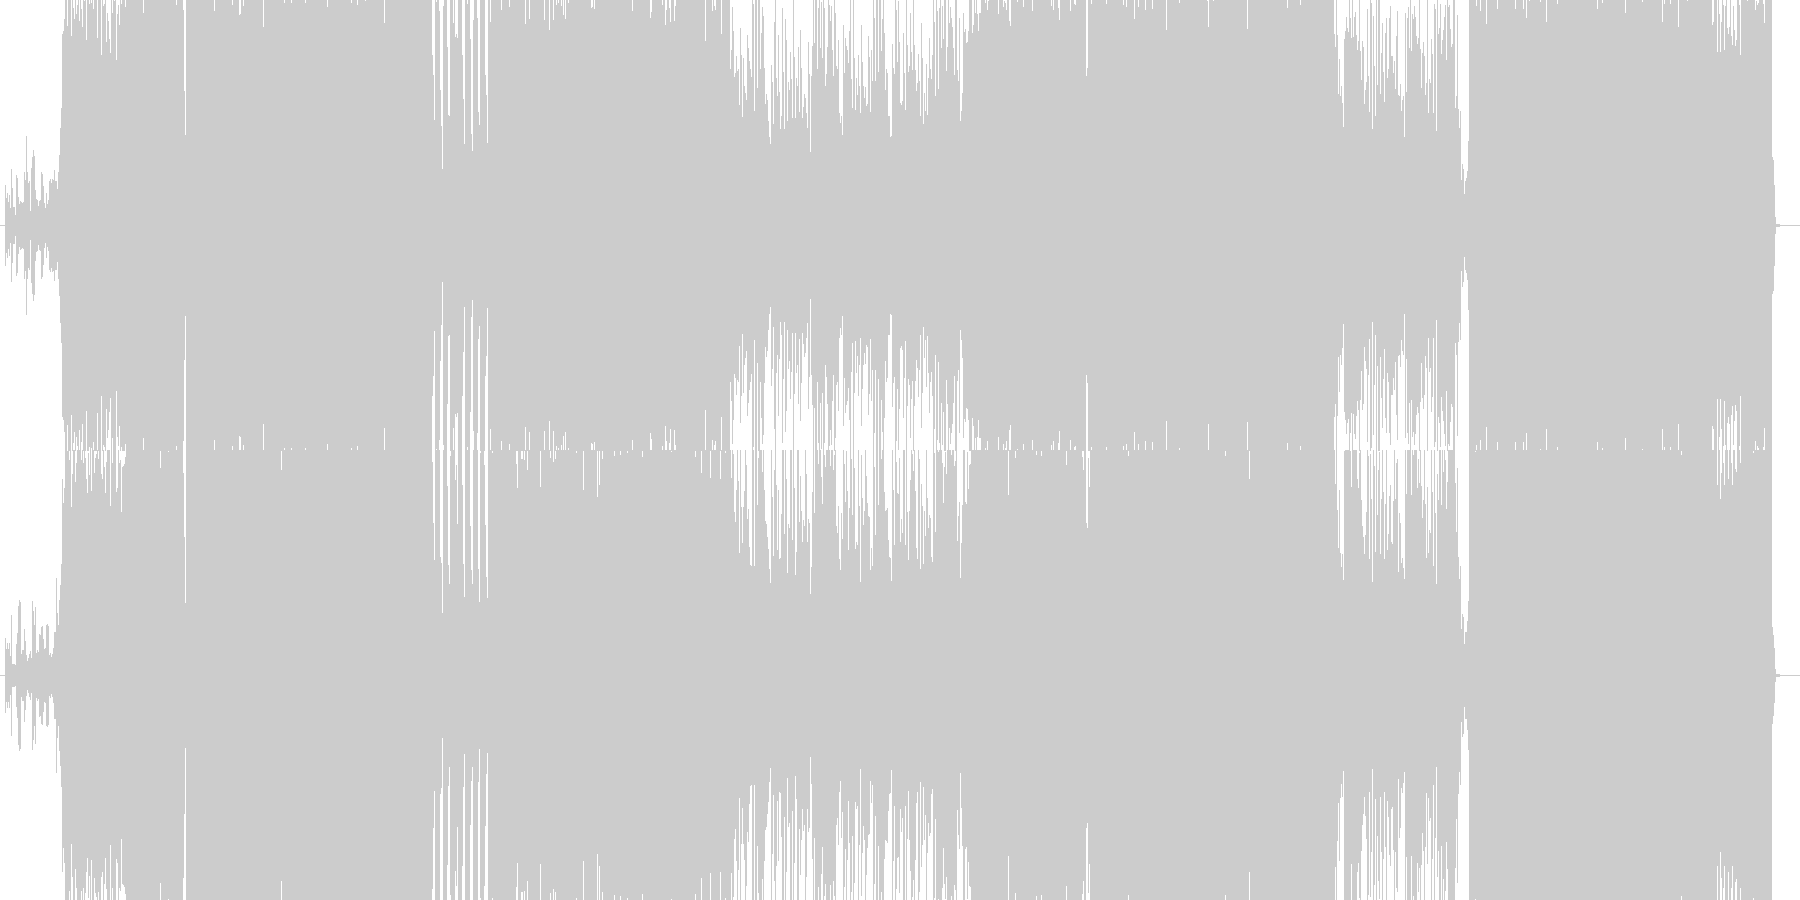 途中でリズムが変わるハードチューンの未再生の波形